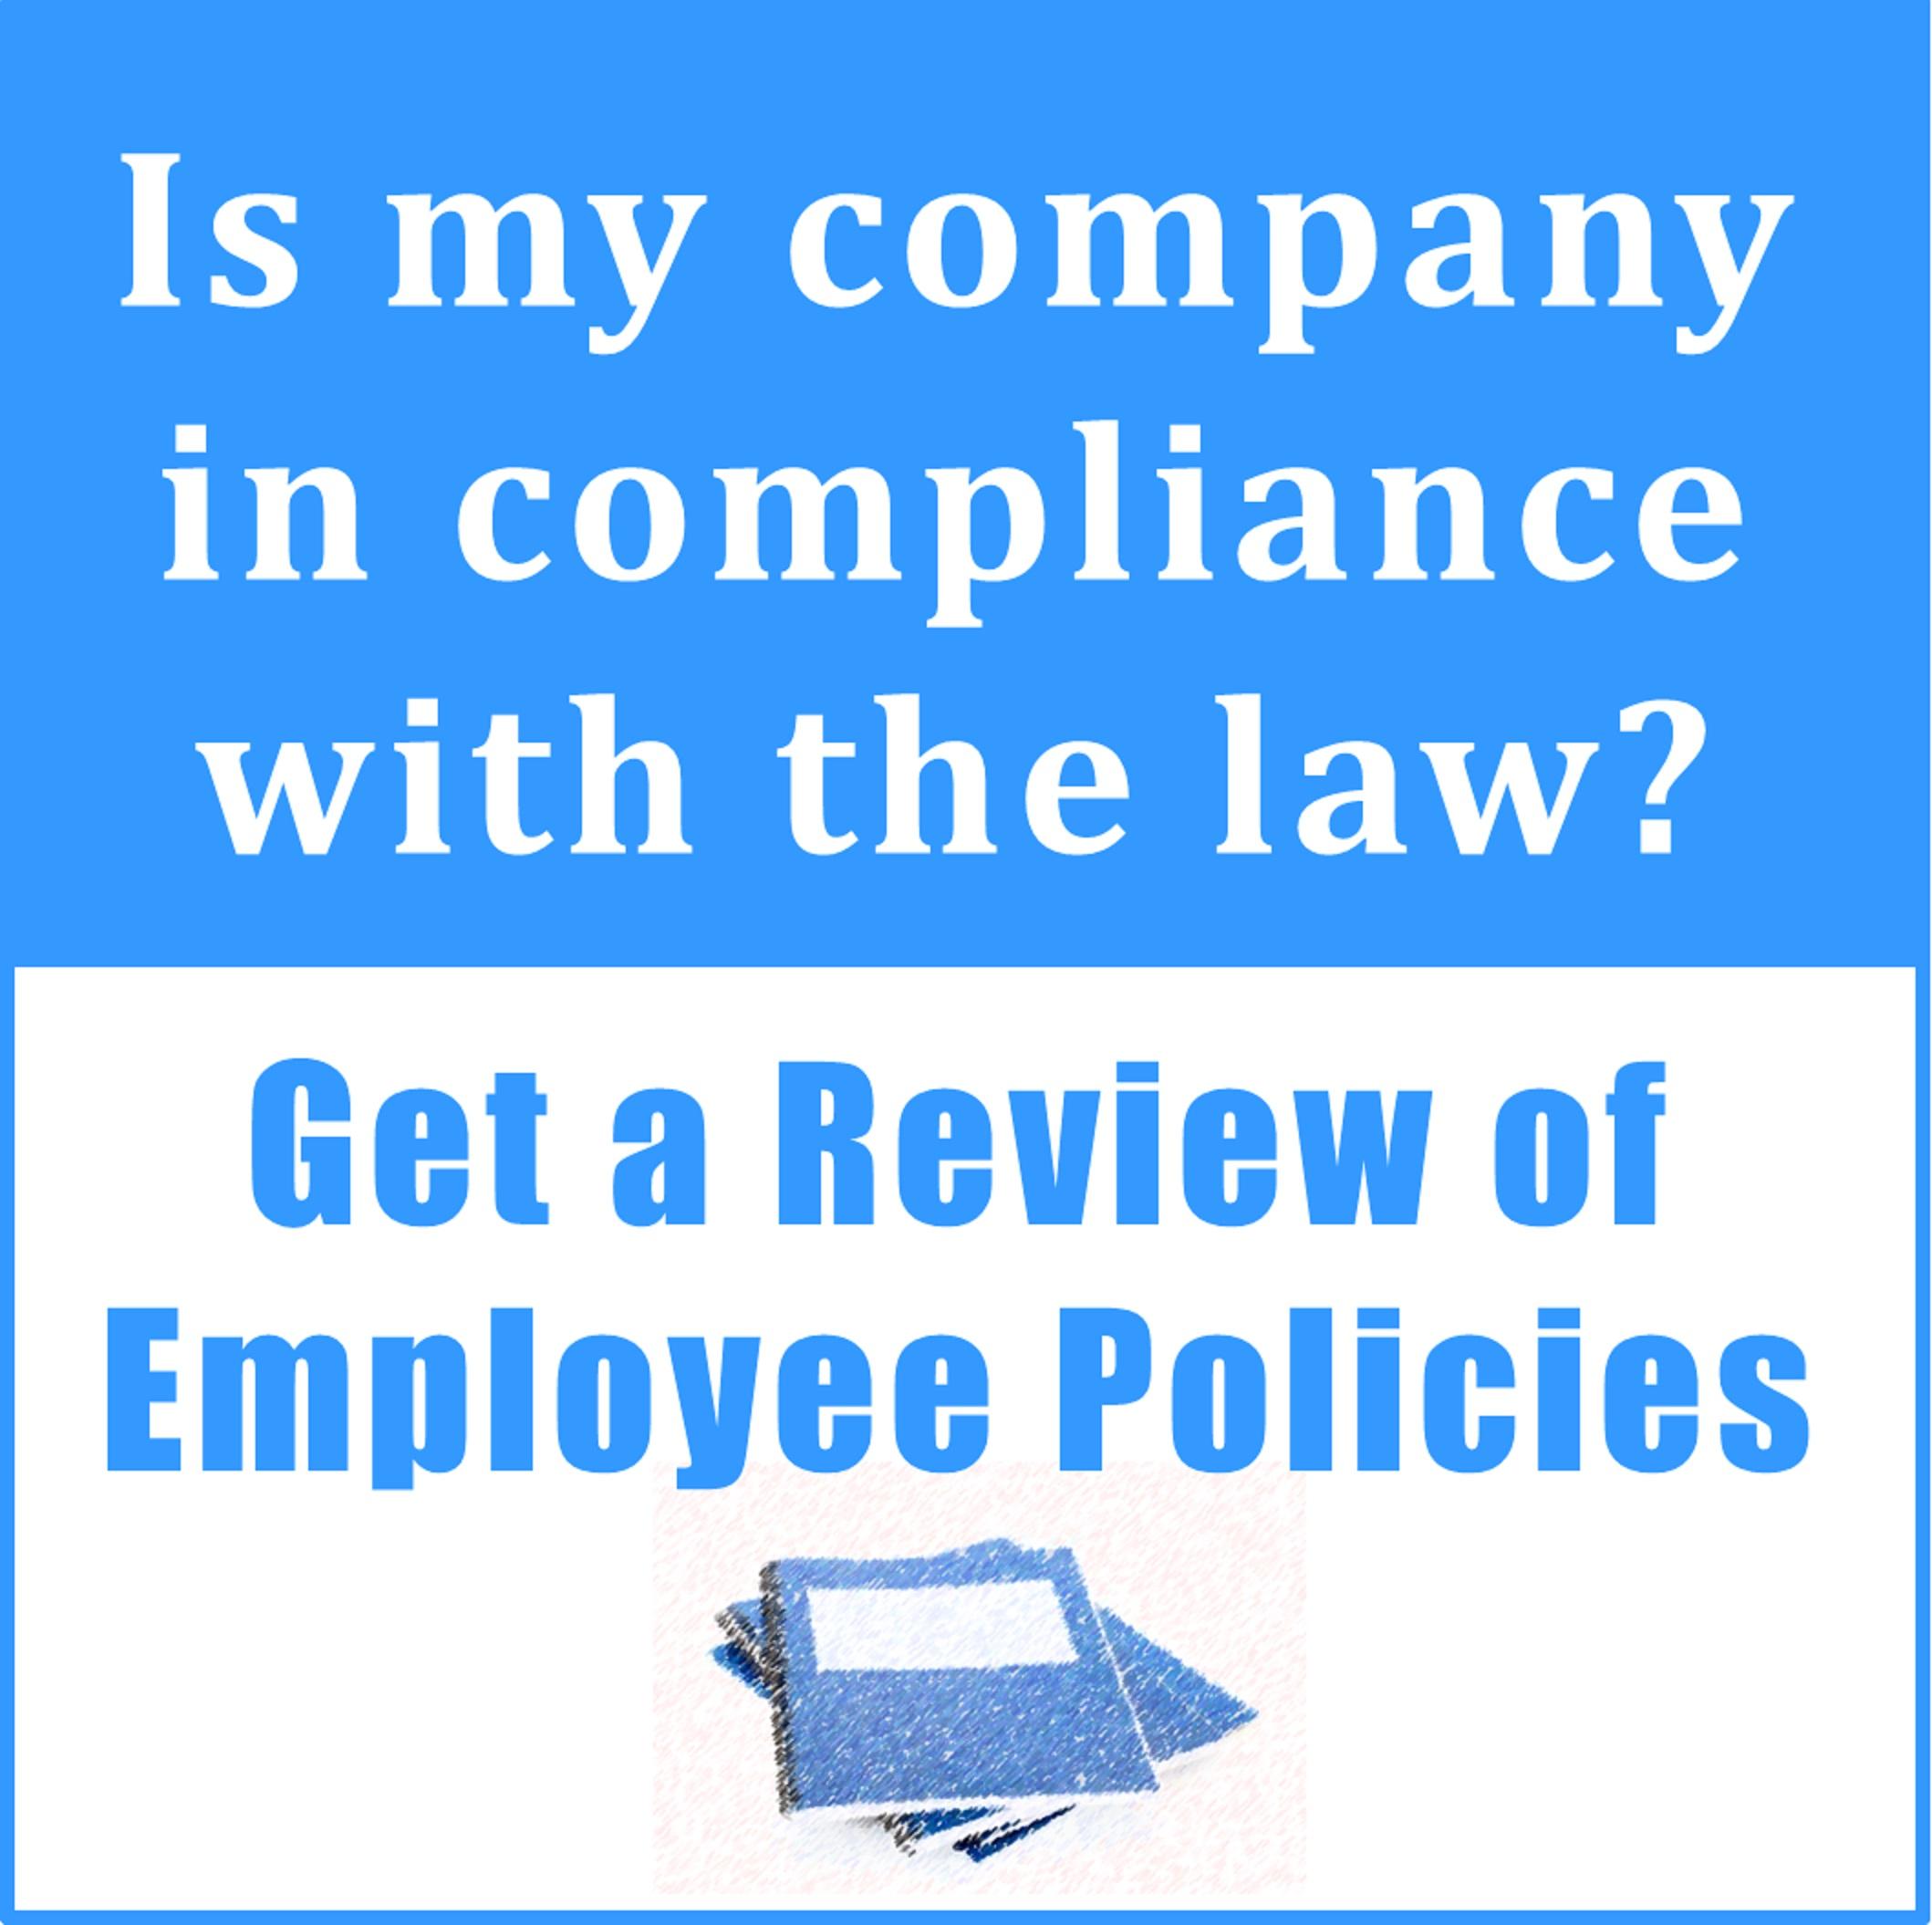 Get Employee Policies